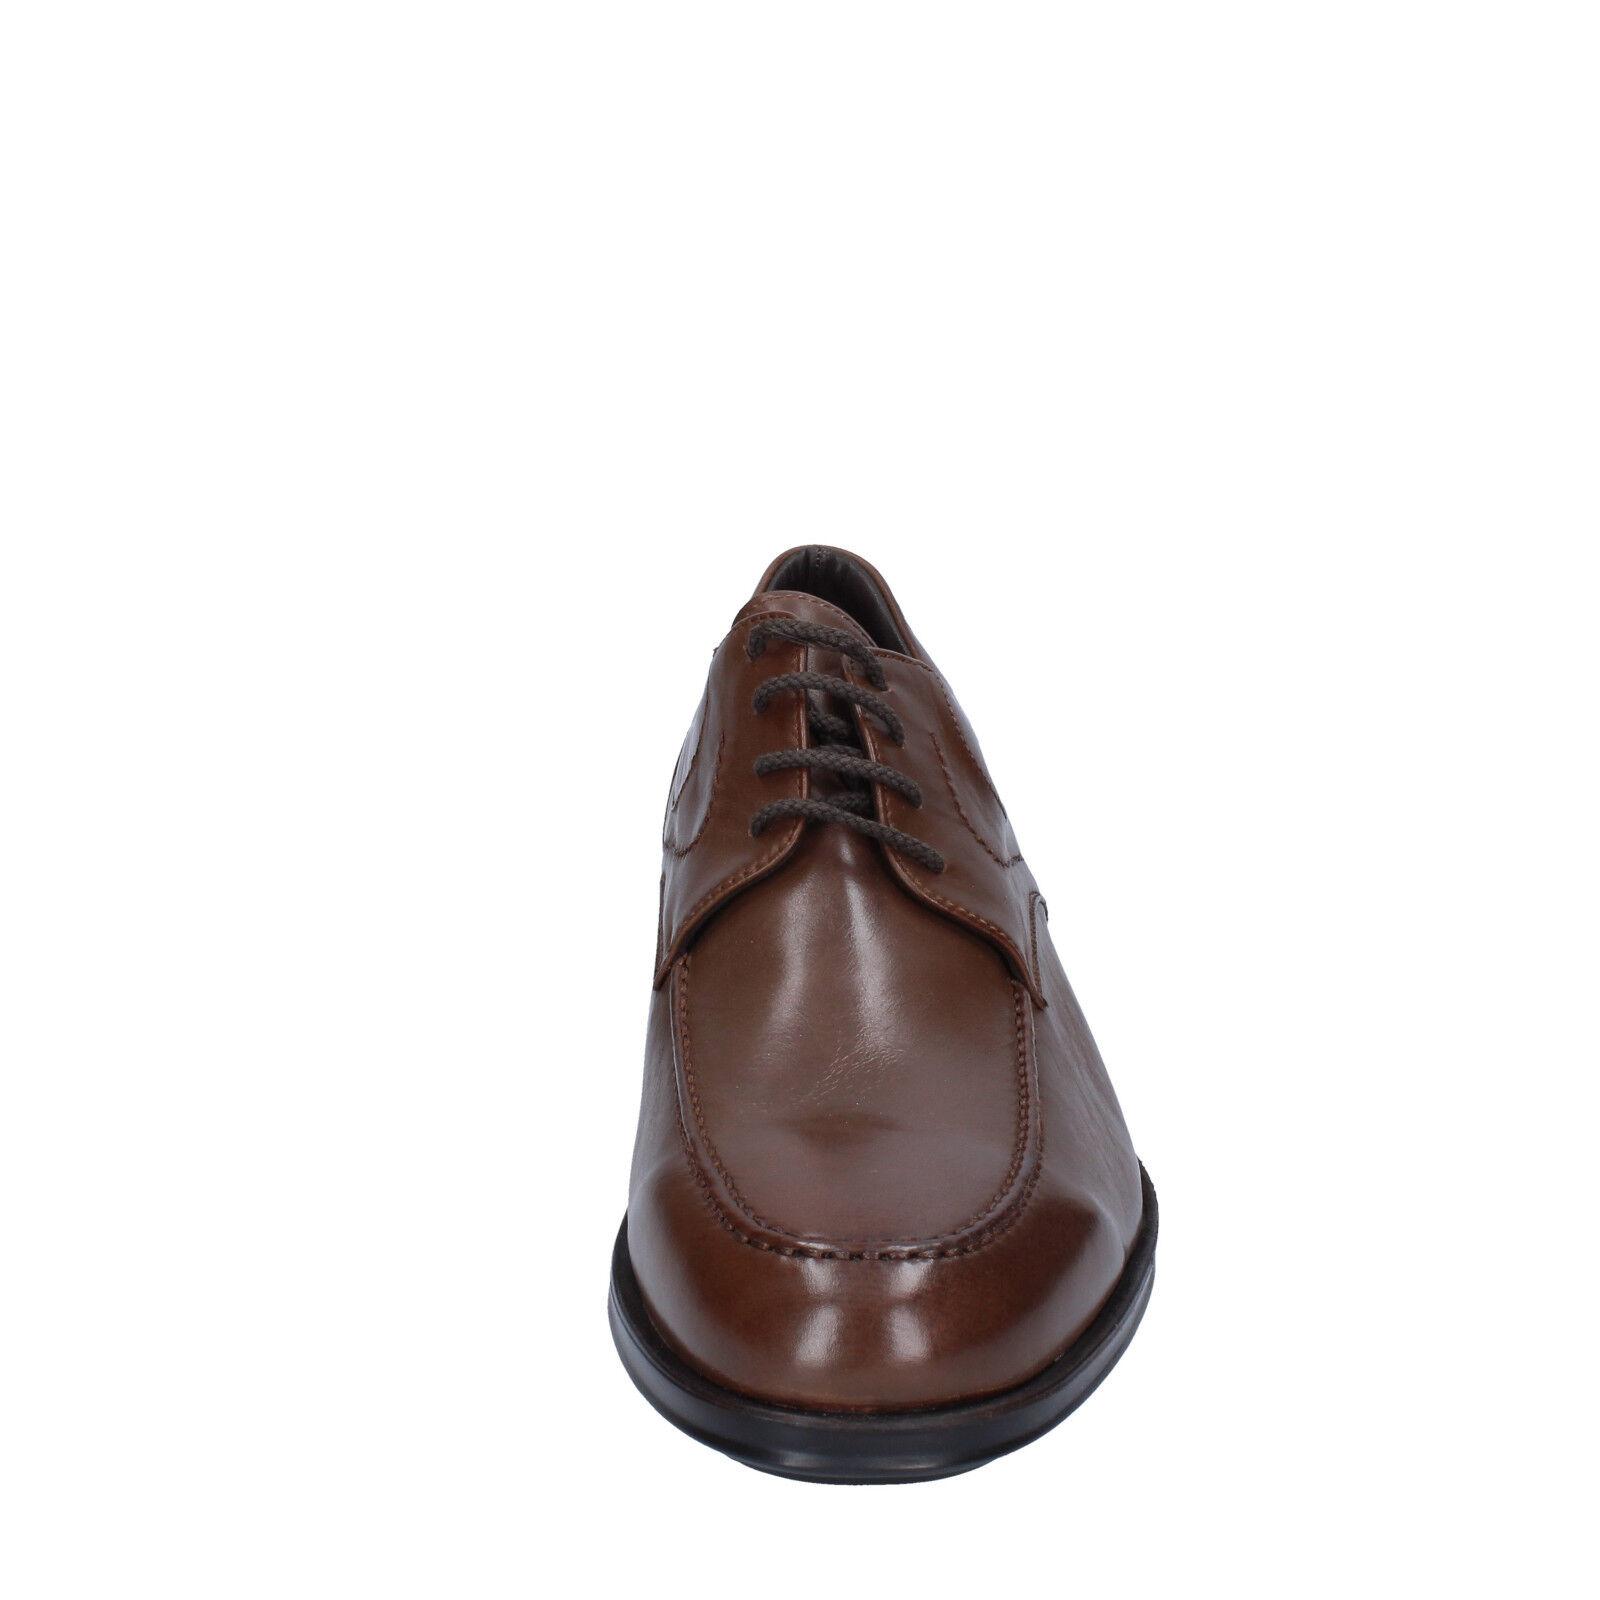 Scarpe uomo CALPIERRE 45 classiche Marroneee pelle AJ375-E AJ375-E AJ375-E | Pratico Ed Economico  0303fb